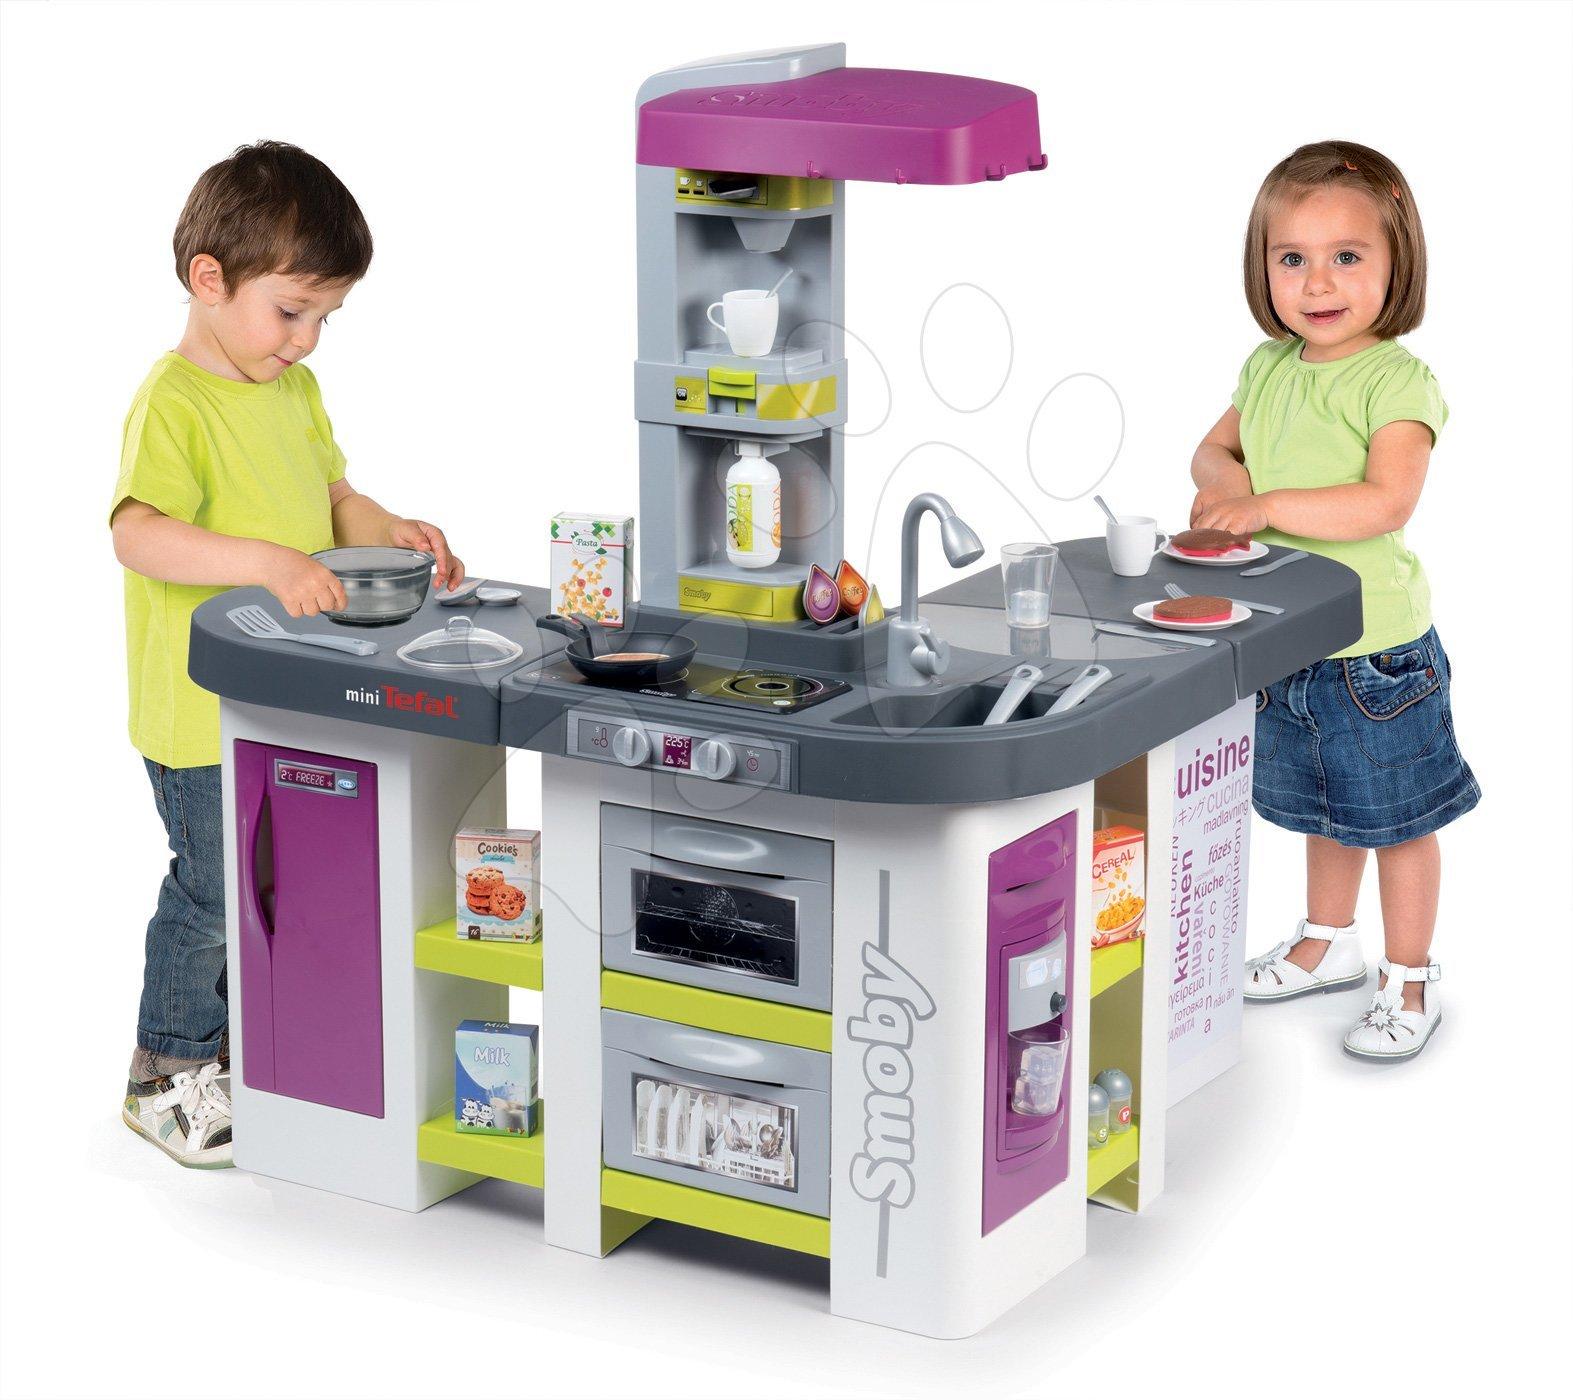 Kuchyňka elektronická Tefal Studio XXL Bubble Smoby s magickým bubláním, přístrojem na sodu a ledem a 38 doplňků